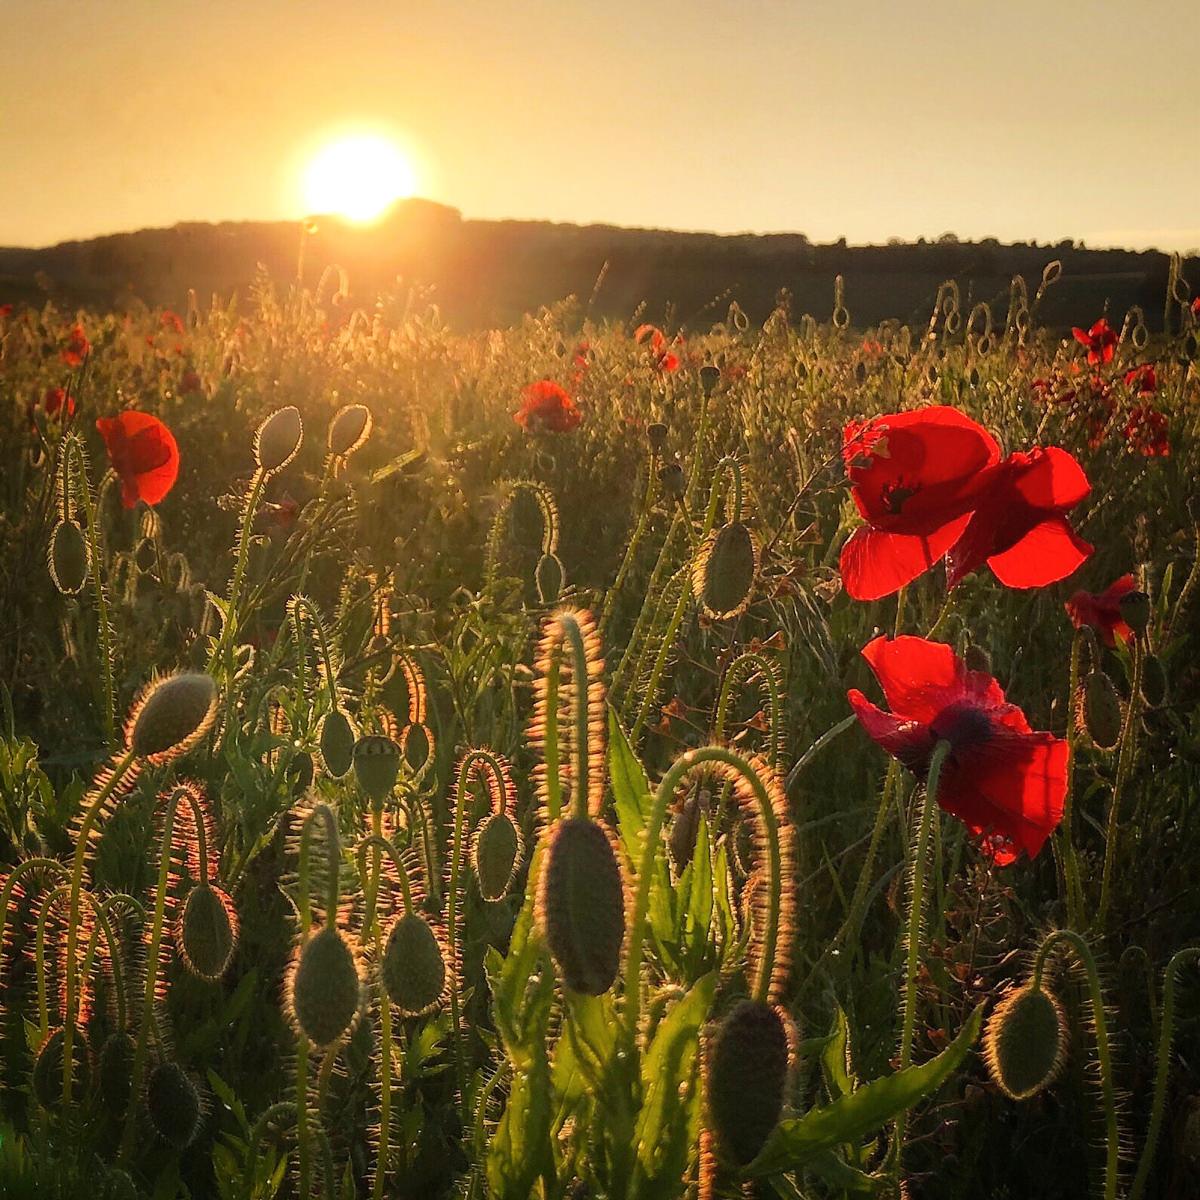 An Evening in a Summer Field